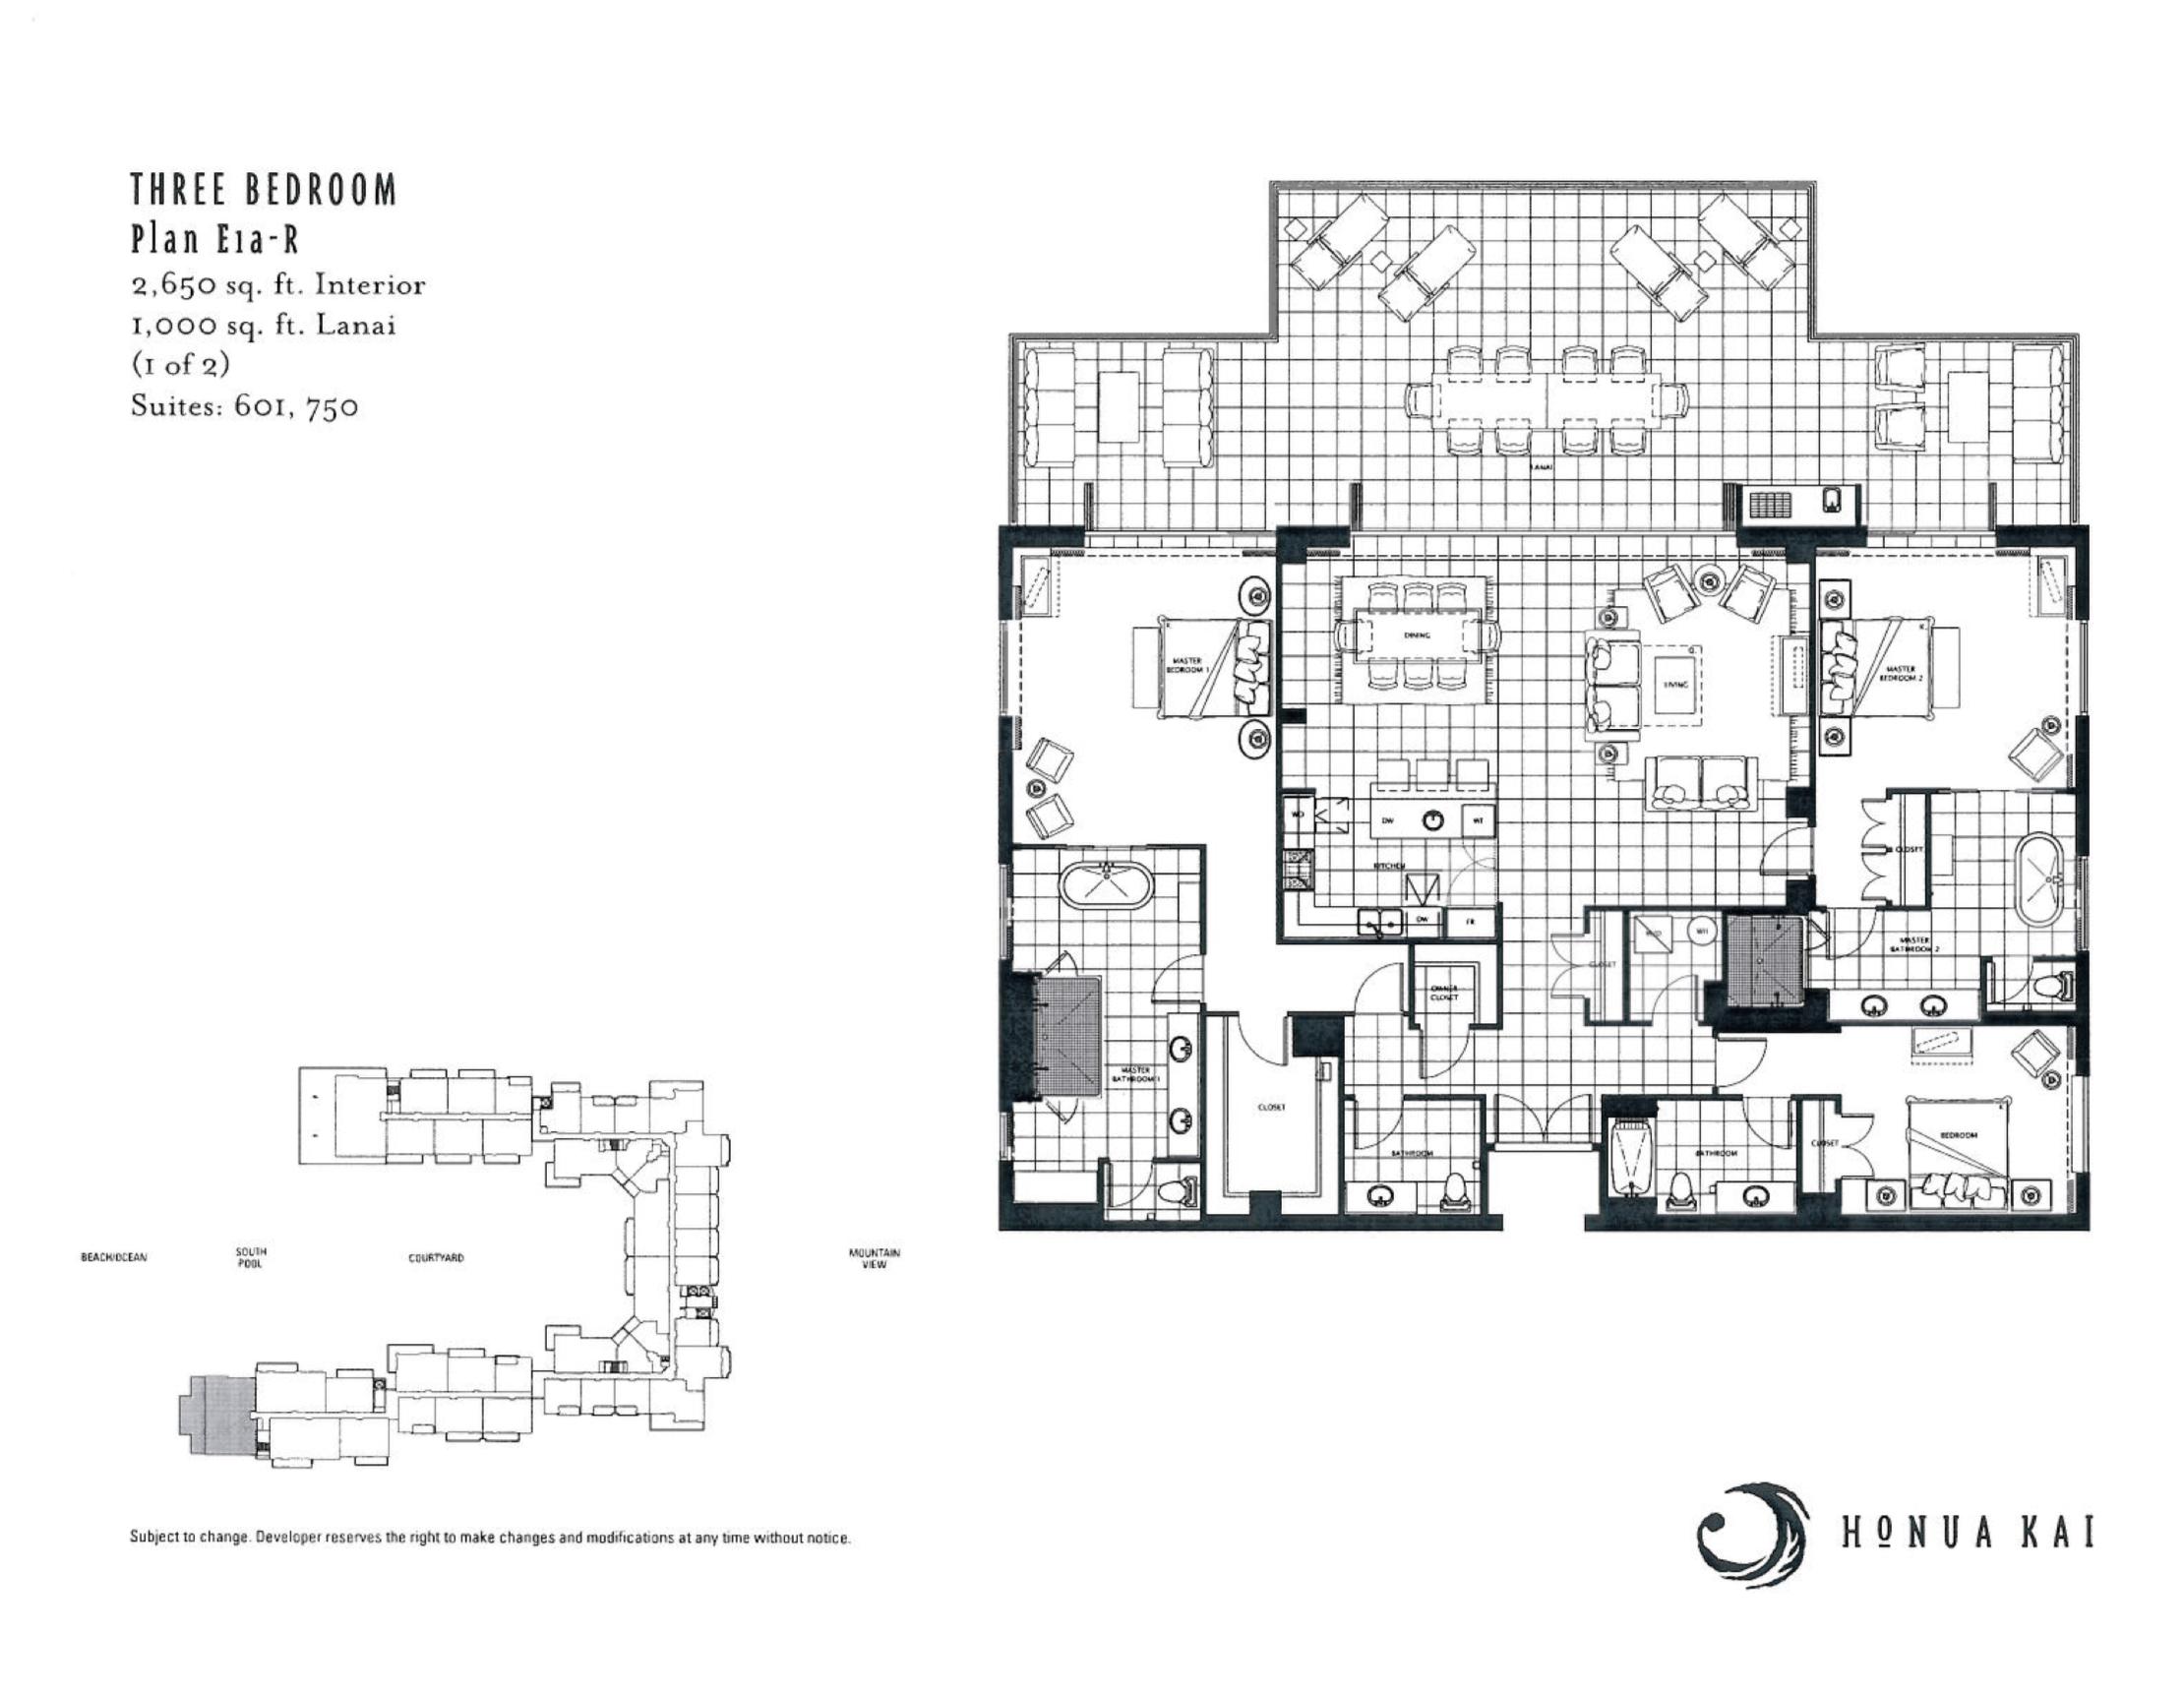 Honua Kai 3 BR E1a-R